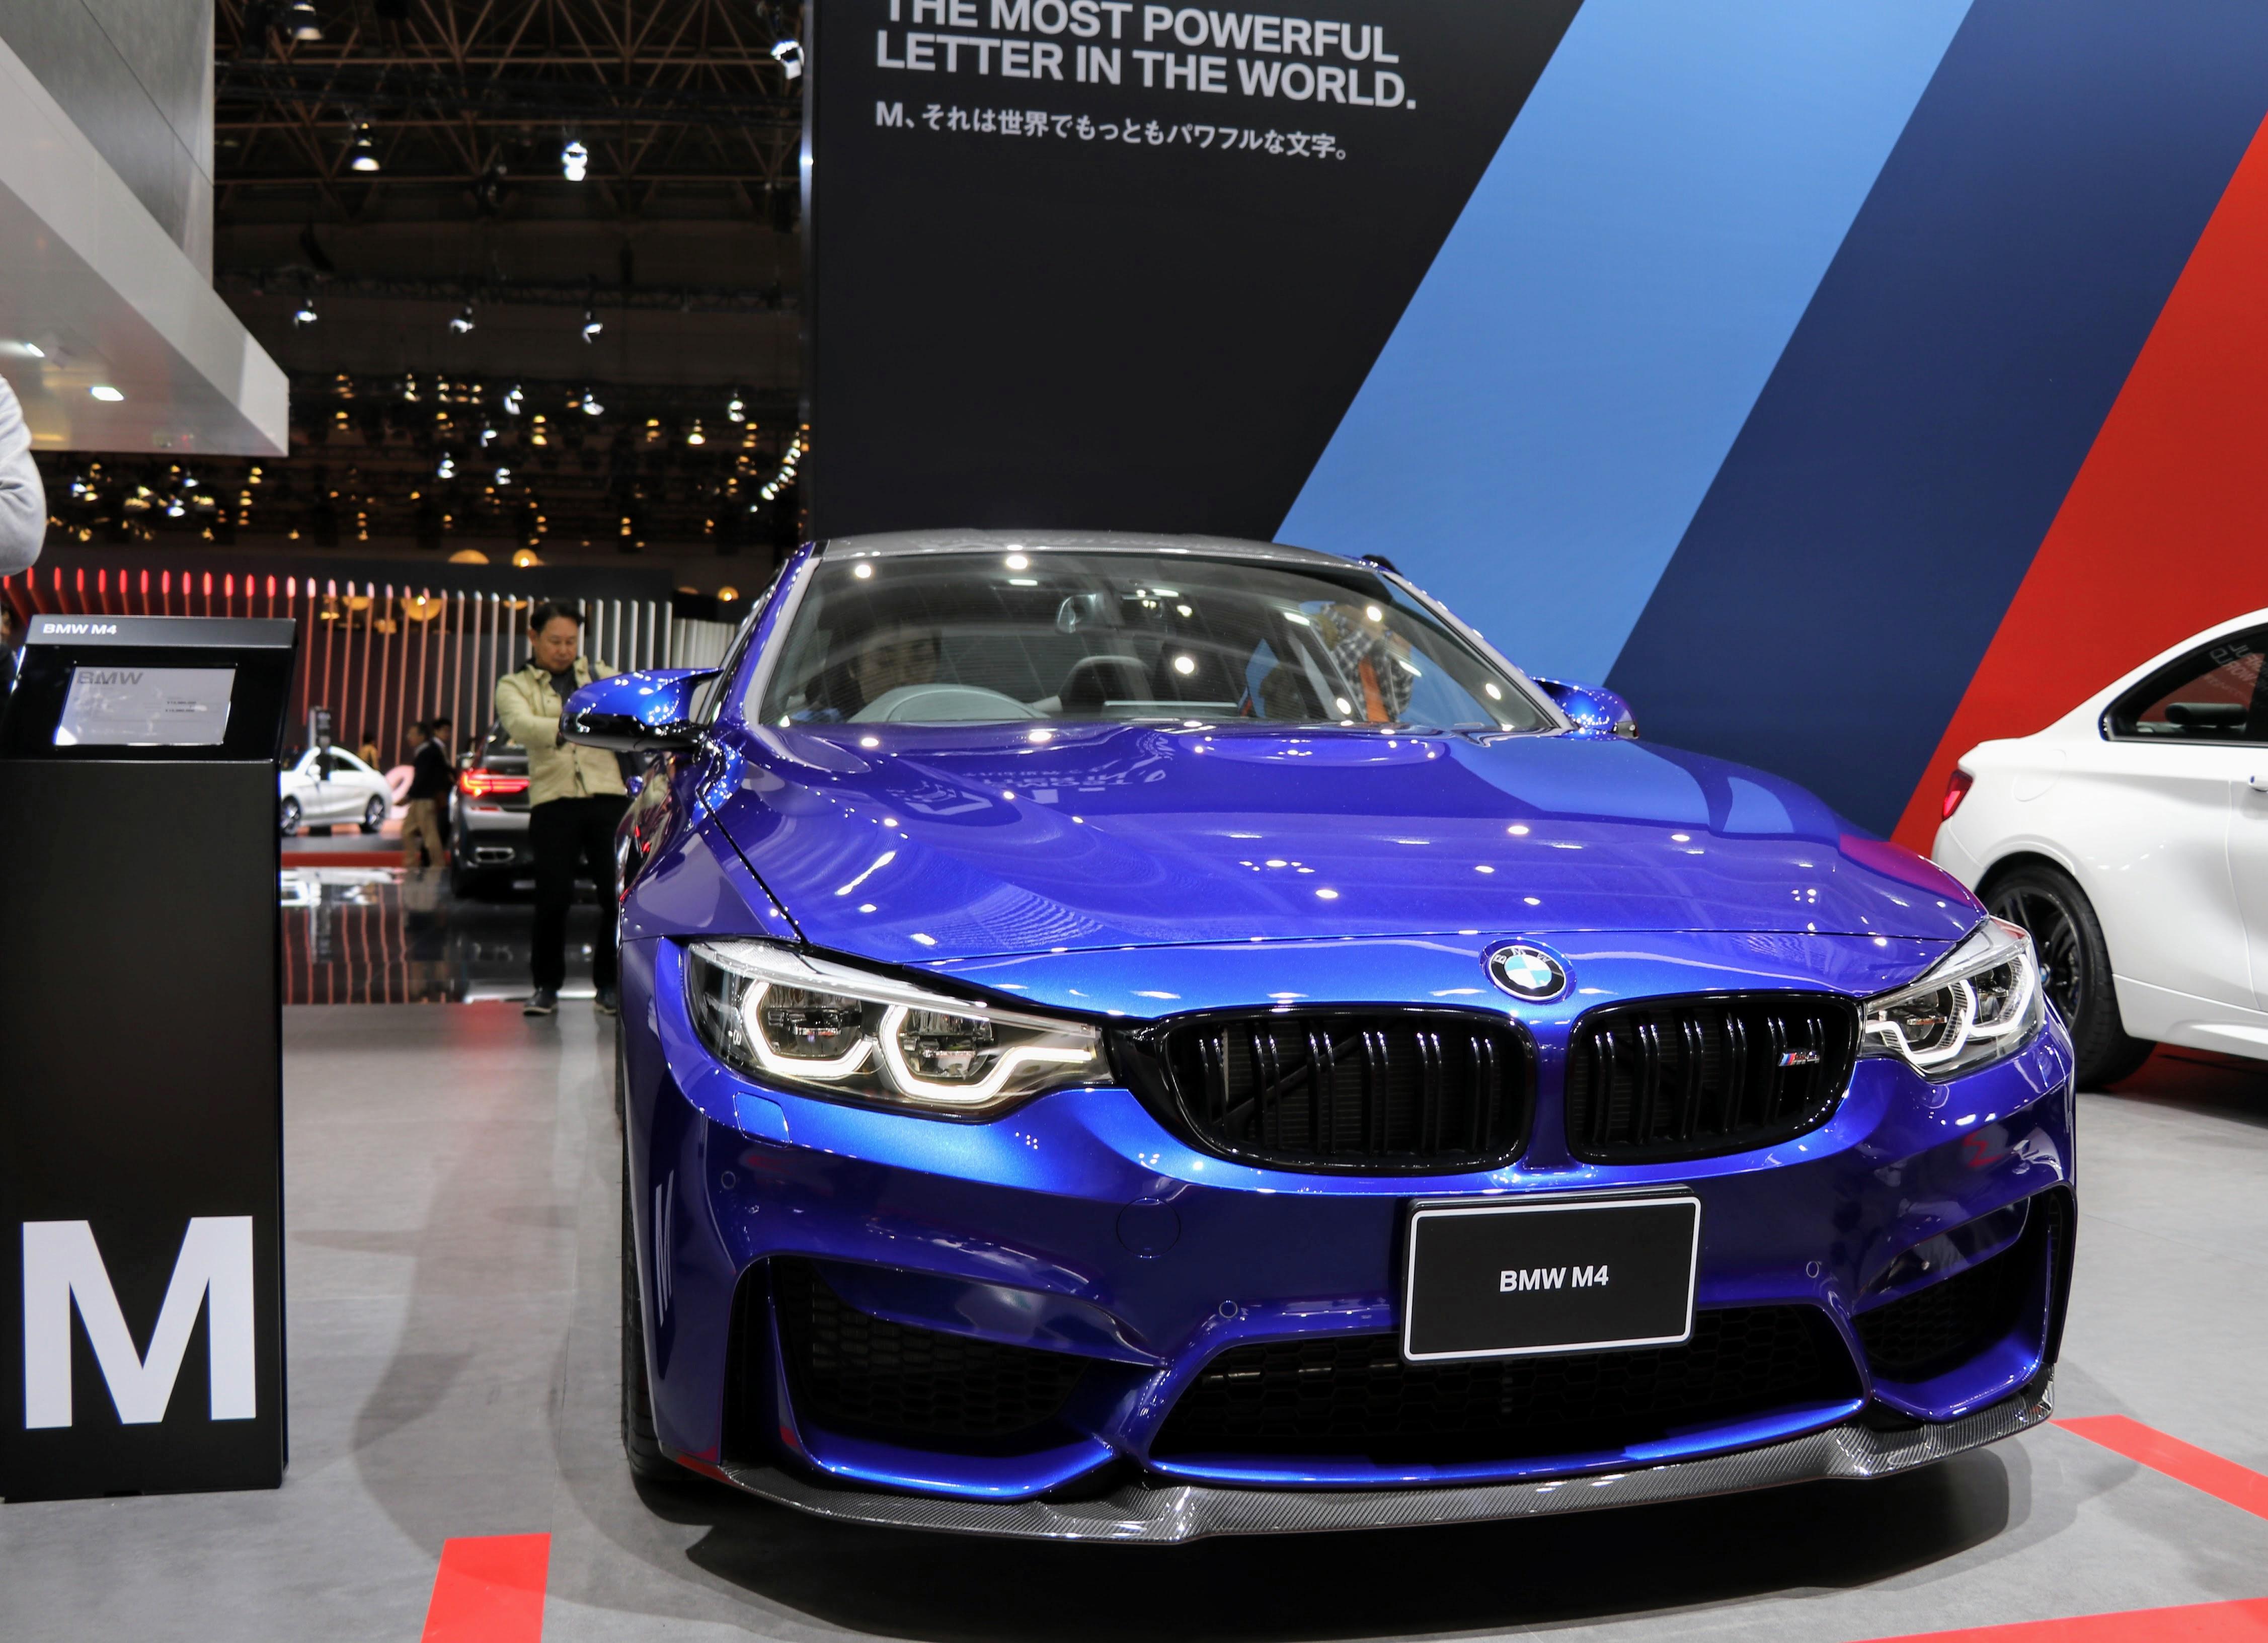 BMW M3(F80)M4(F82,F83)の最終生産台数や販売比率は?旧型M3 E90/E92/E93との比較も